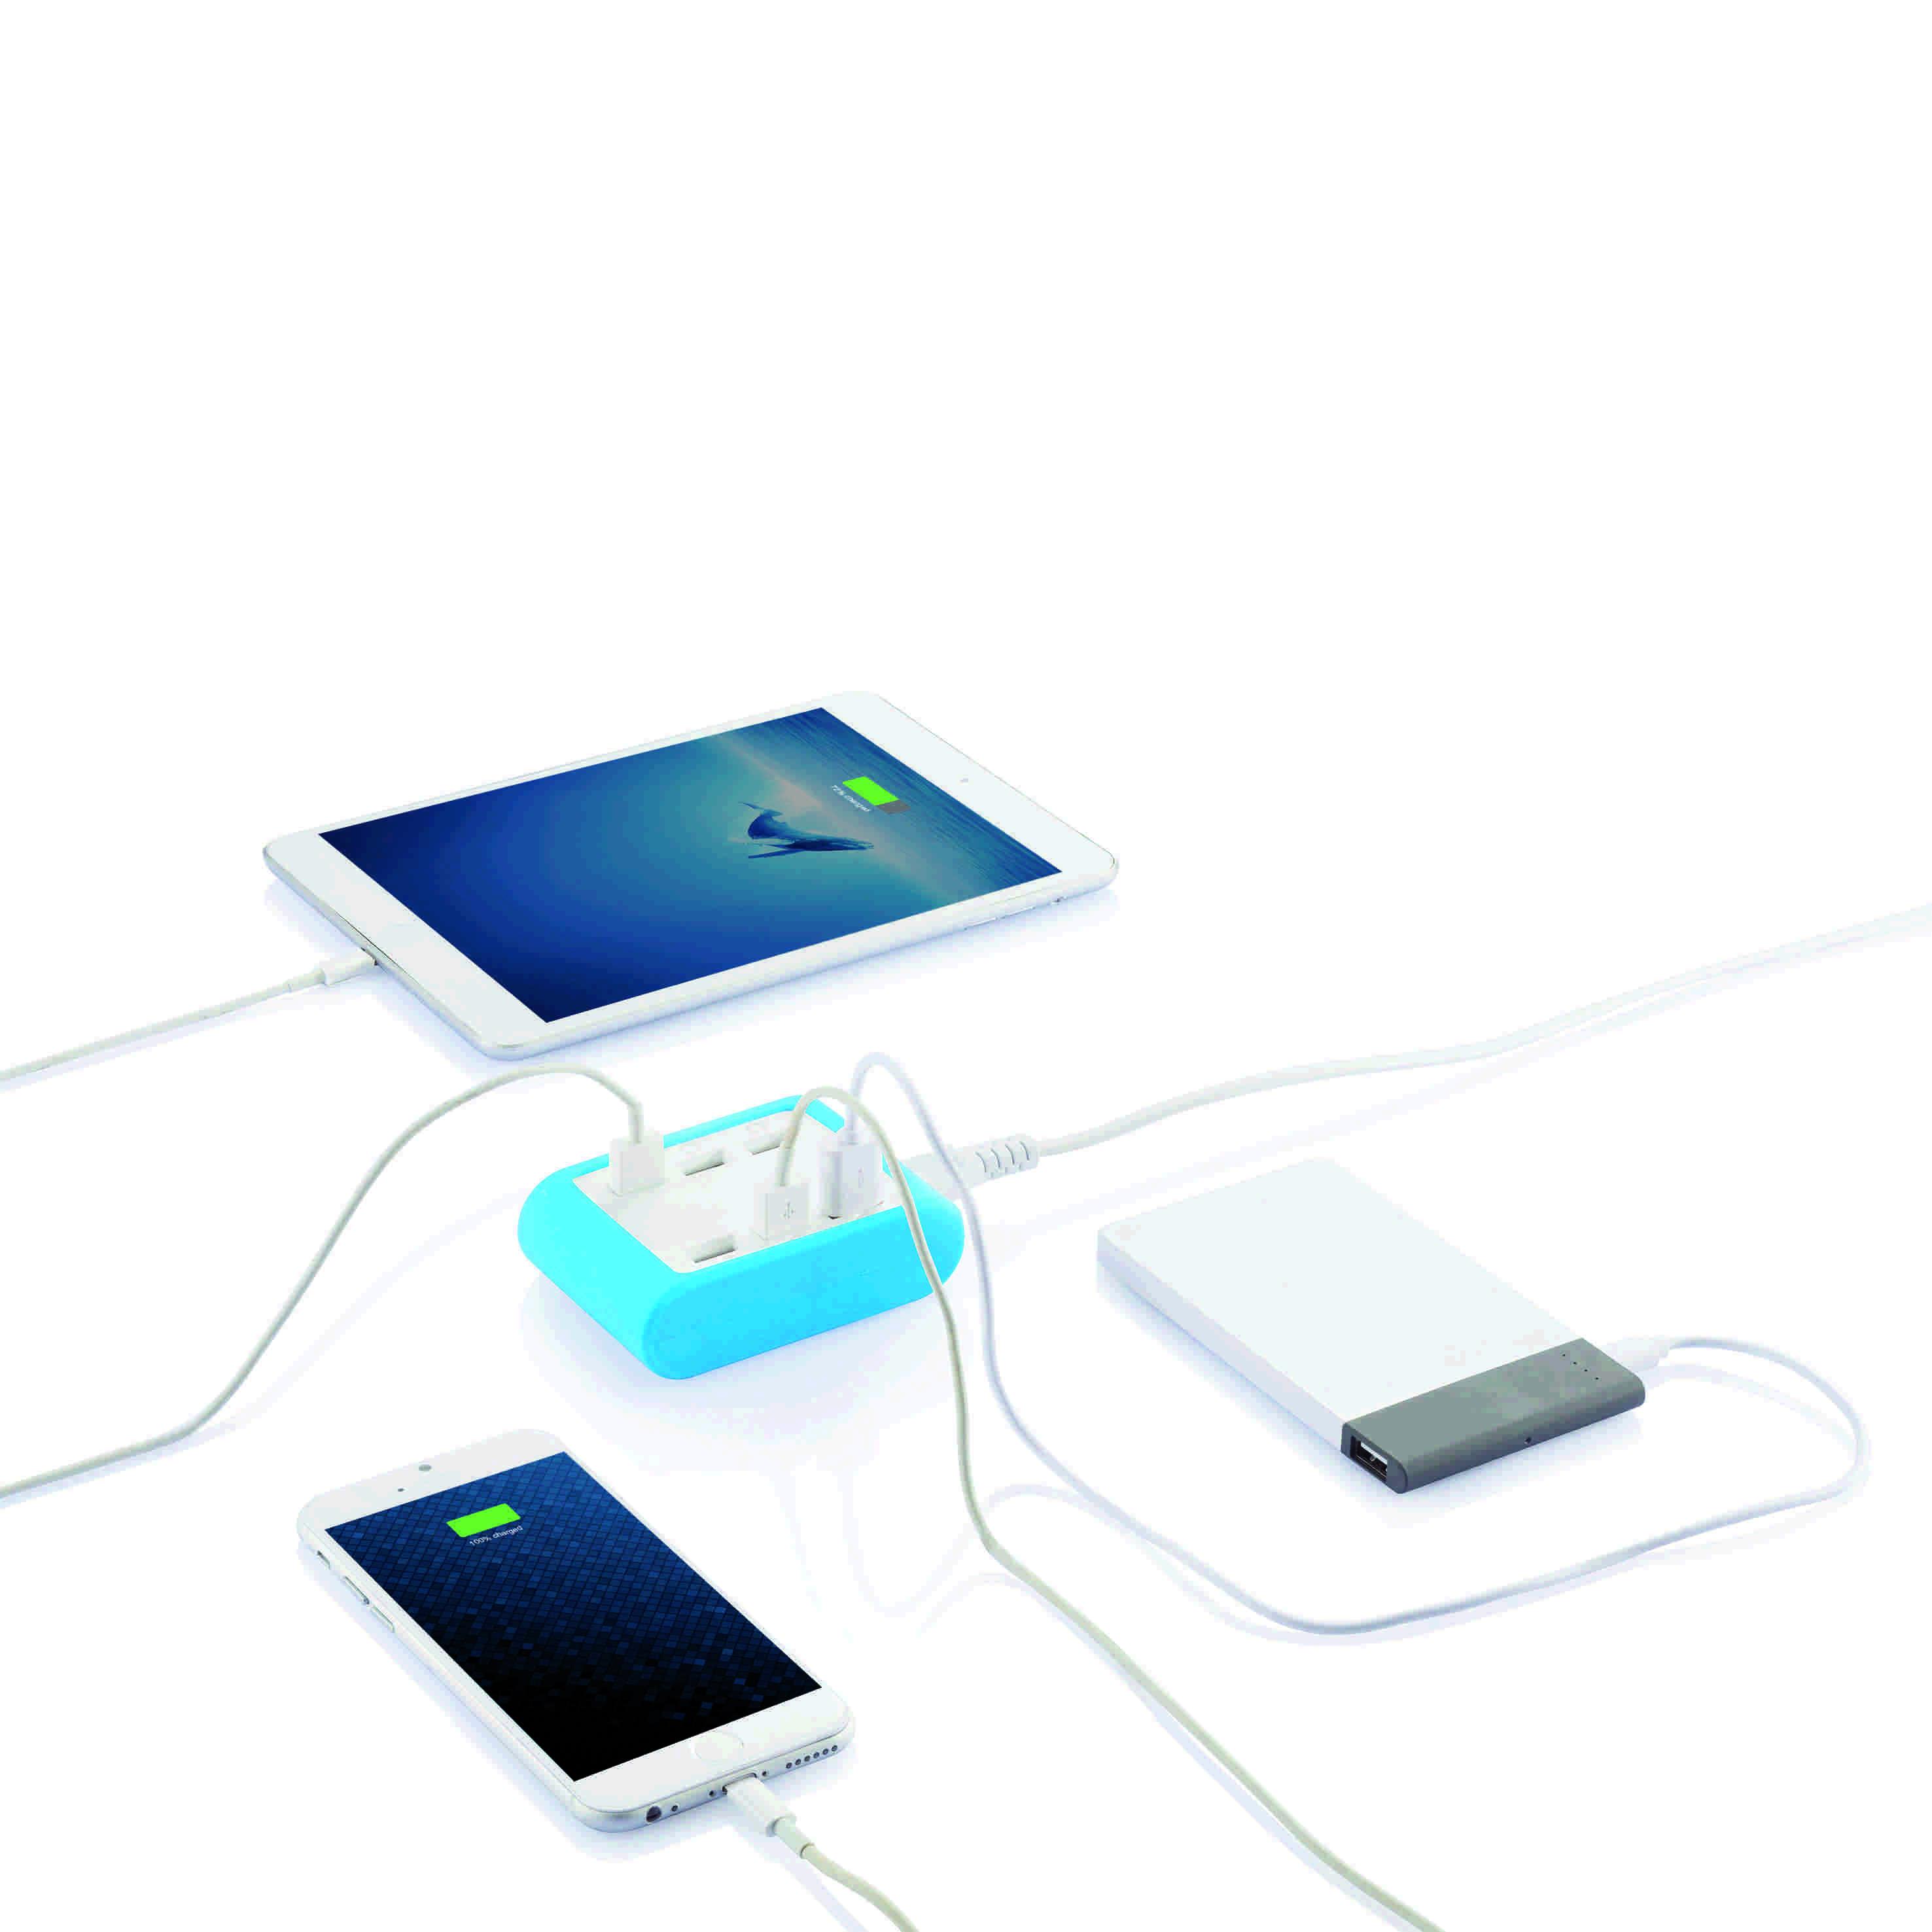 Station de recharge publicitaire 6 ports USB TOP bleu